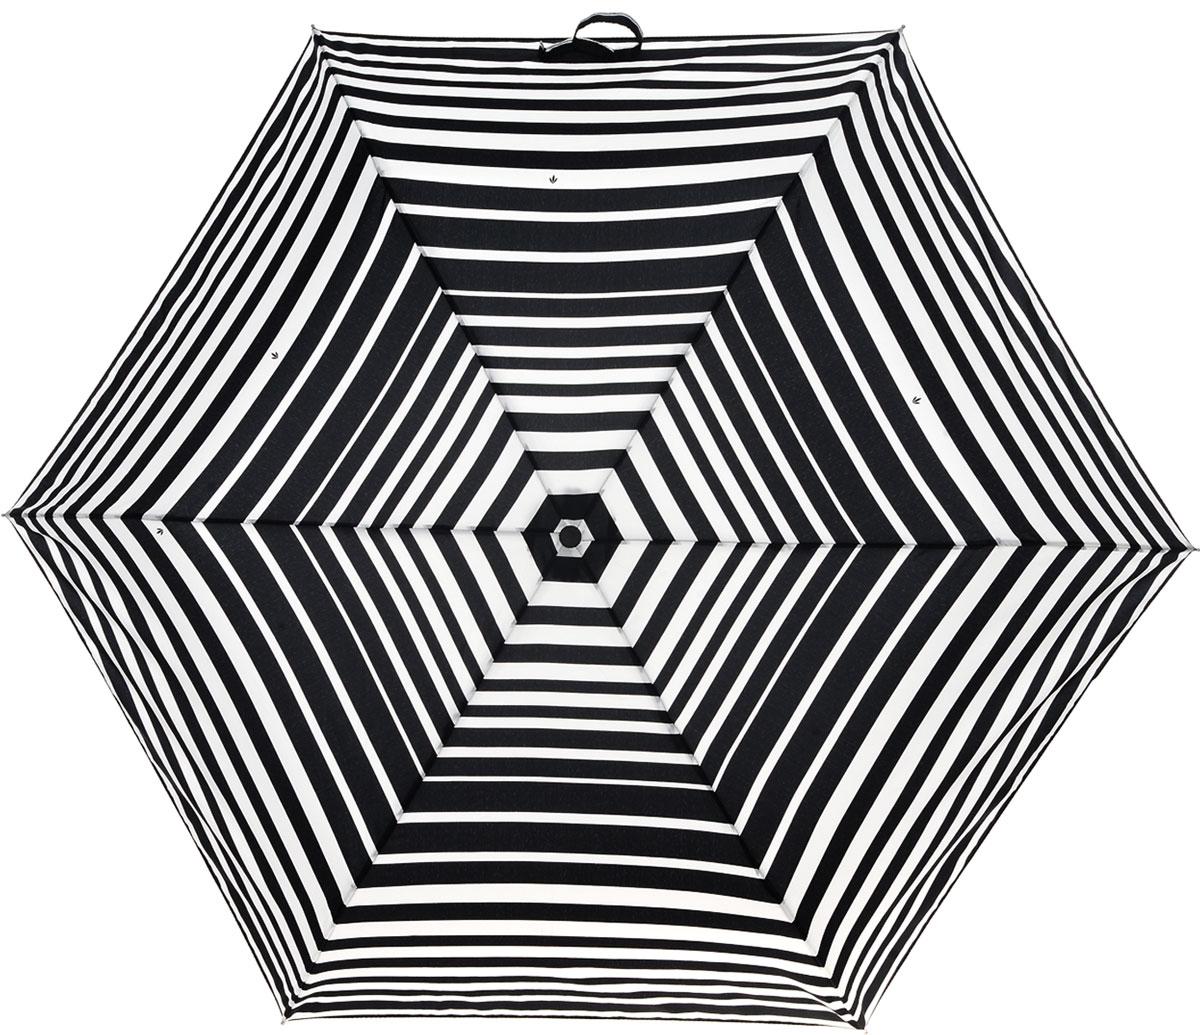 Зонт женский Fulton Superslim, механический, 3 сложения, цвет: черный, белый. L553-3154П300020005-20Стильный механический зонт Fulton Superslim в 3 сложения даже в ненастную погоду позволит вам оставаться элегантной. Облегченный каркас зонта выполнен из 6 спиц из фибергласса и алюминия, стержень также изготовлен из алюминия, удобная круглая рукоятка - из пластика. Купол зонта выполнен из прочного полиэстера и оформлен принтом в полоску. В закрытом виде застегивается хлястиком на липучку. Зонт механического сложения: купол открывается и закрывается вручную до характерного щелчка. На рукоятке для удобства есть небольшой шнурок, позволяющий при необходимости надеть зонт на руку. К зонту прилагается чехол, который дополнительно застегивается на липучку.Такой зонт компактно располагается в глубоком кармане, сумочке, дверке автомобиля.